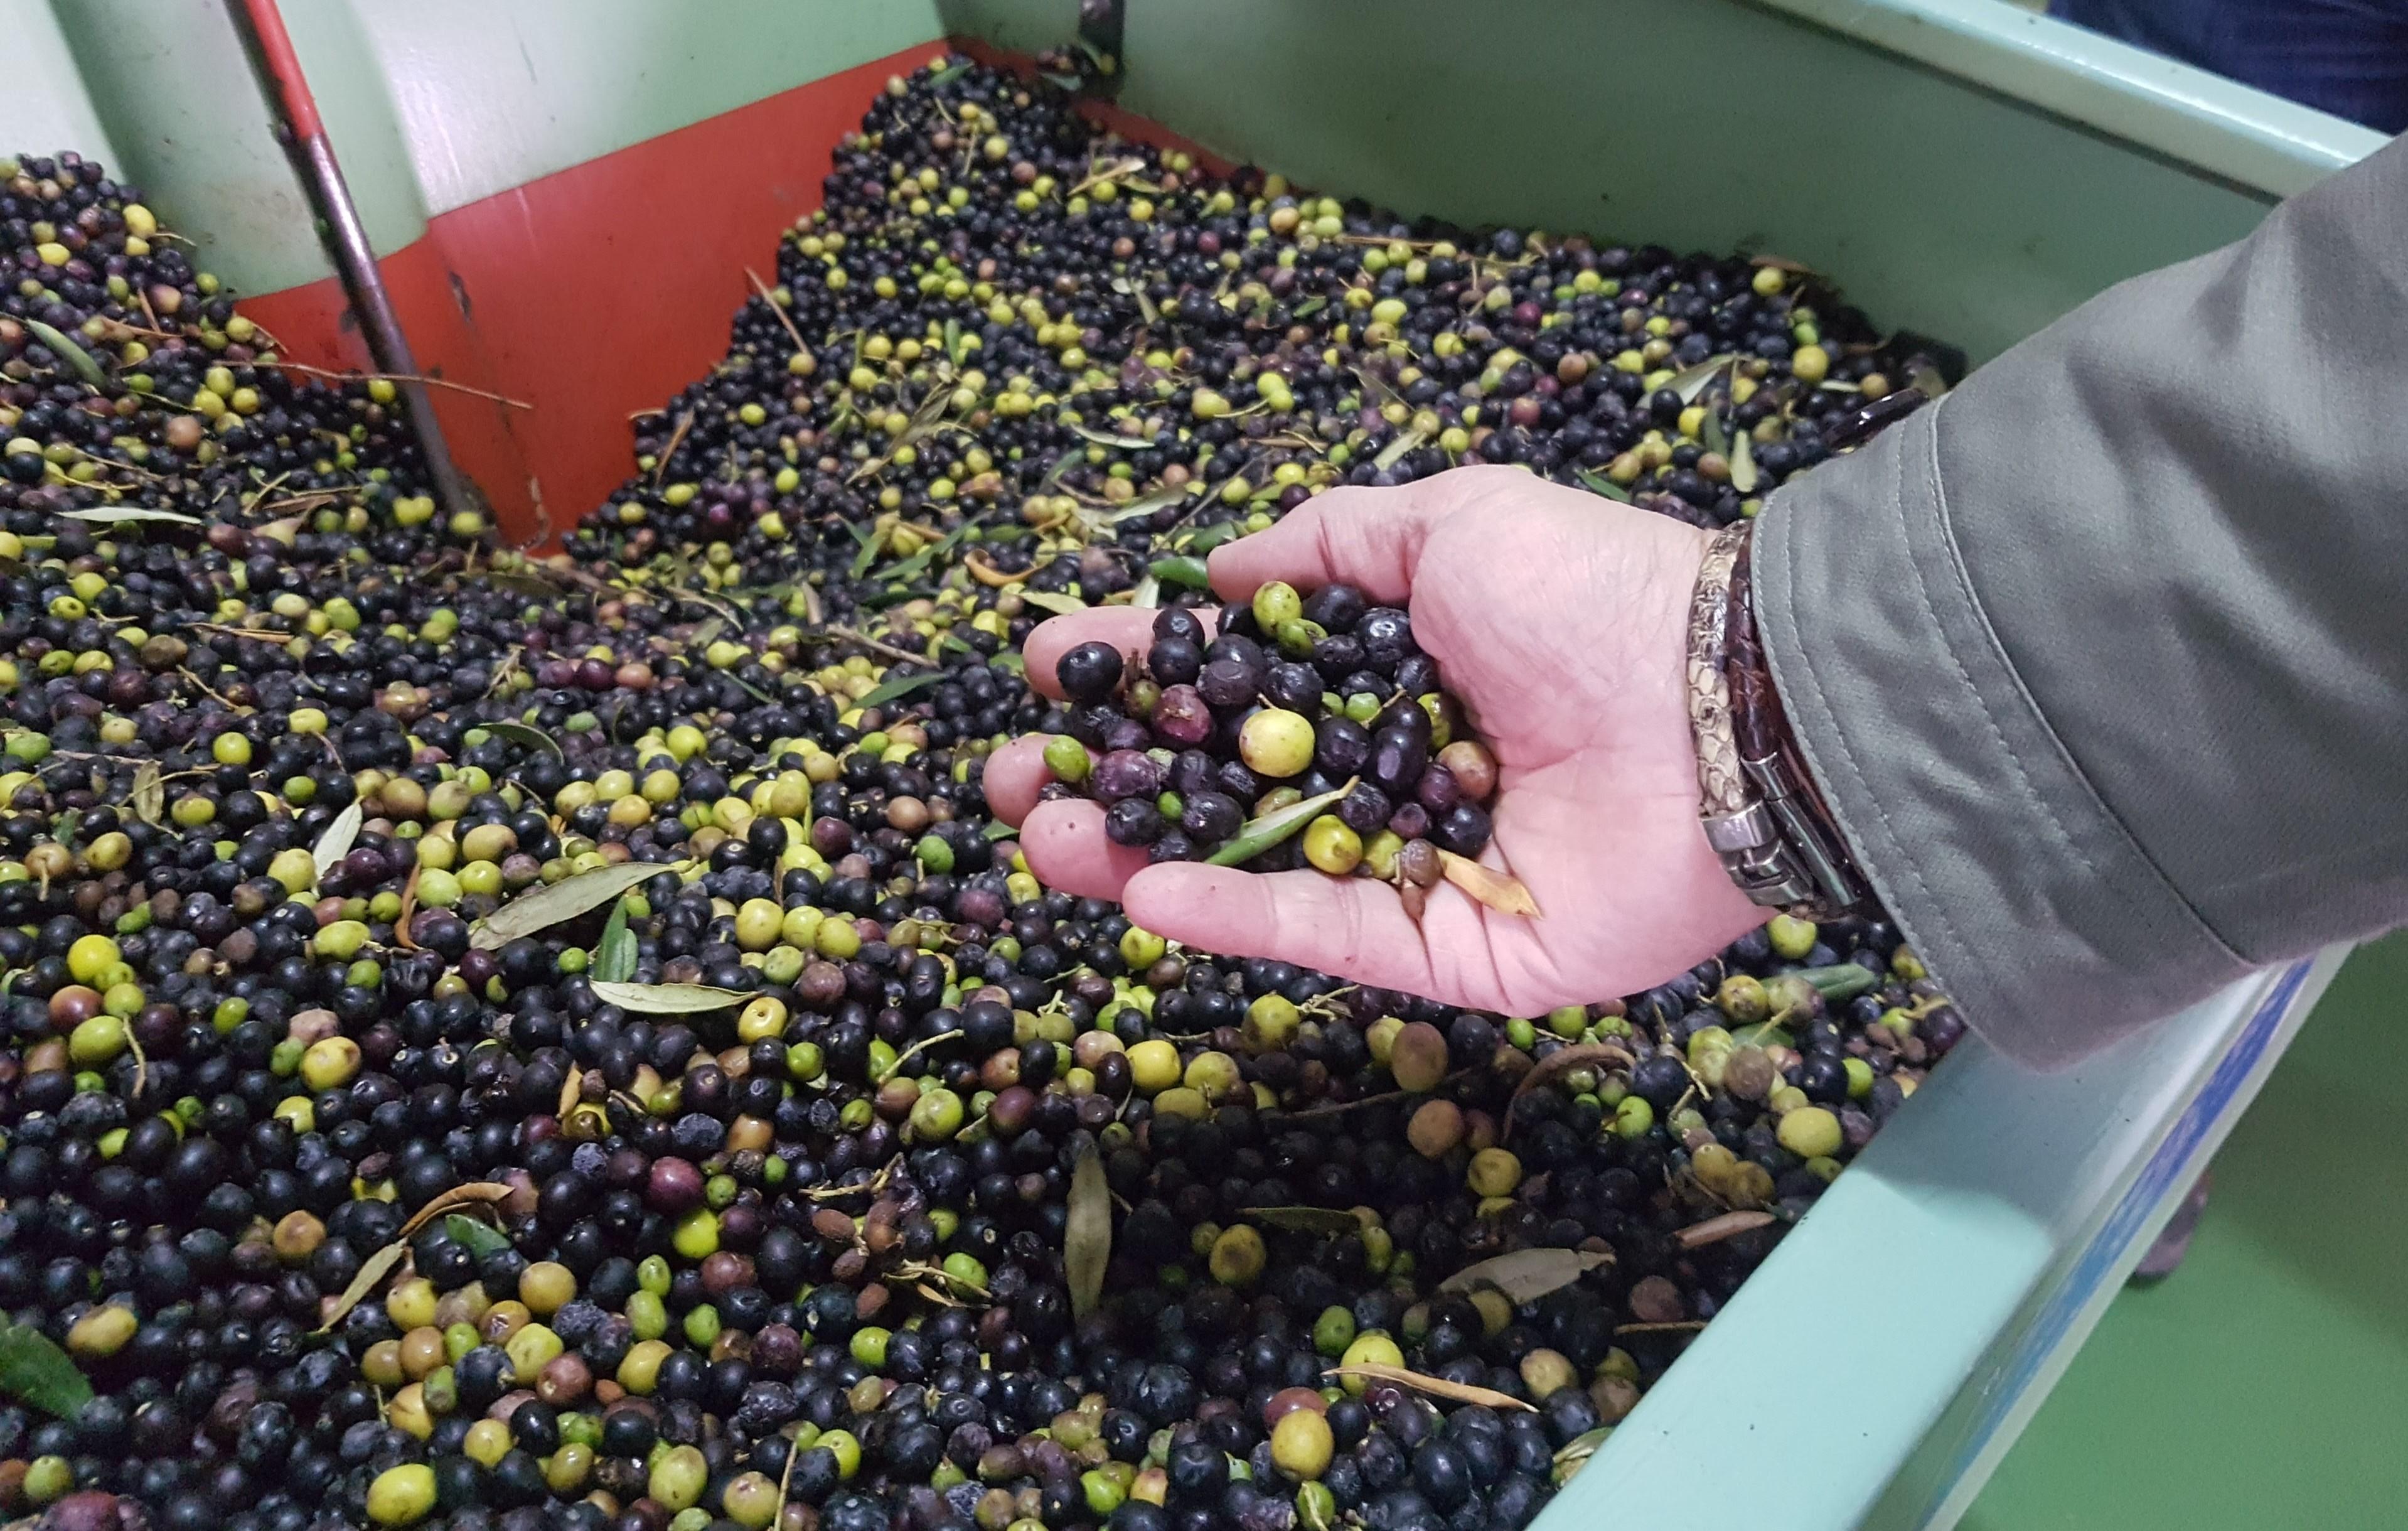 El fruto del olivo llega a la Almazara, para transformarlo en aceite